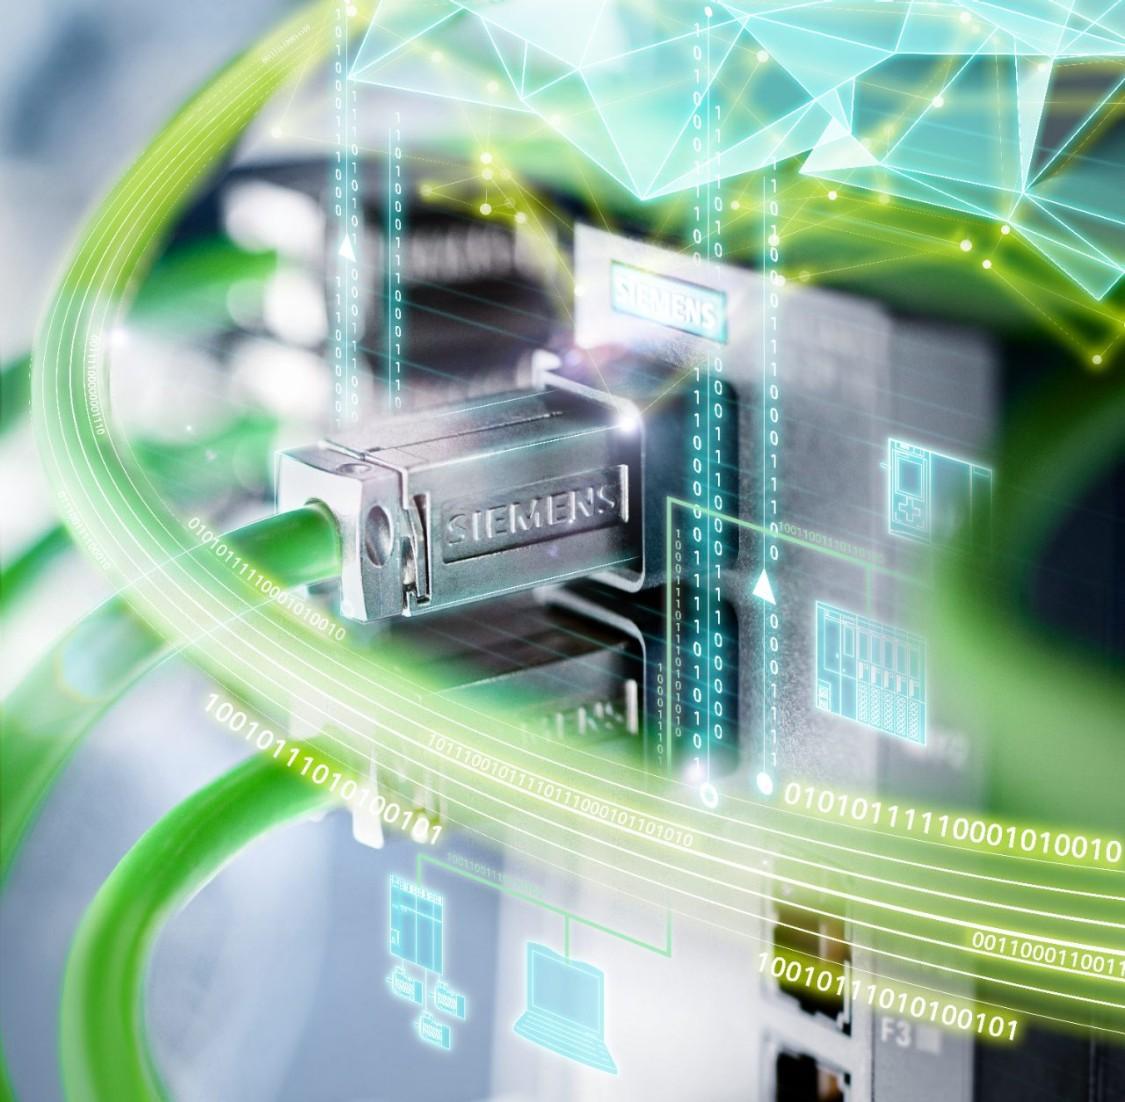 仔细看一下绿色的 PROFINET 电缆。其中一些电缆已插到硬件中。背景层是模糊的绿色,显示处数字化无处不在。